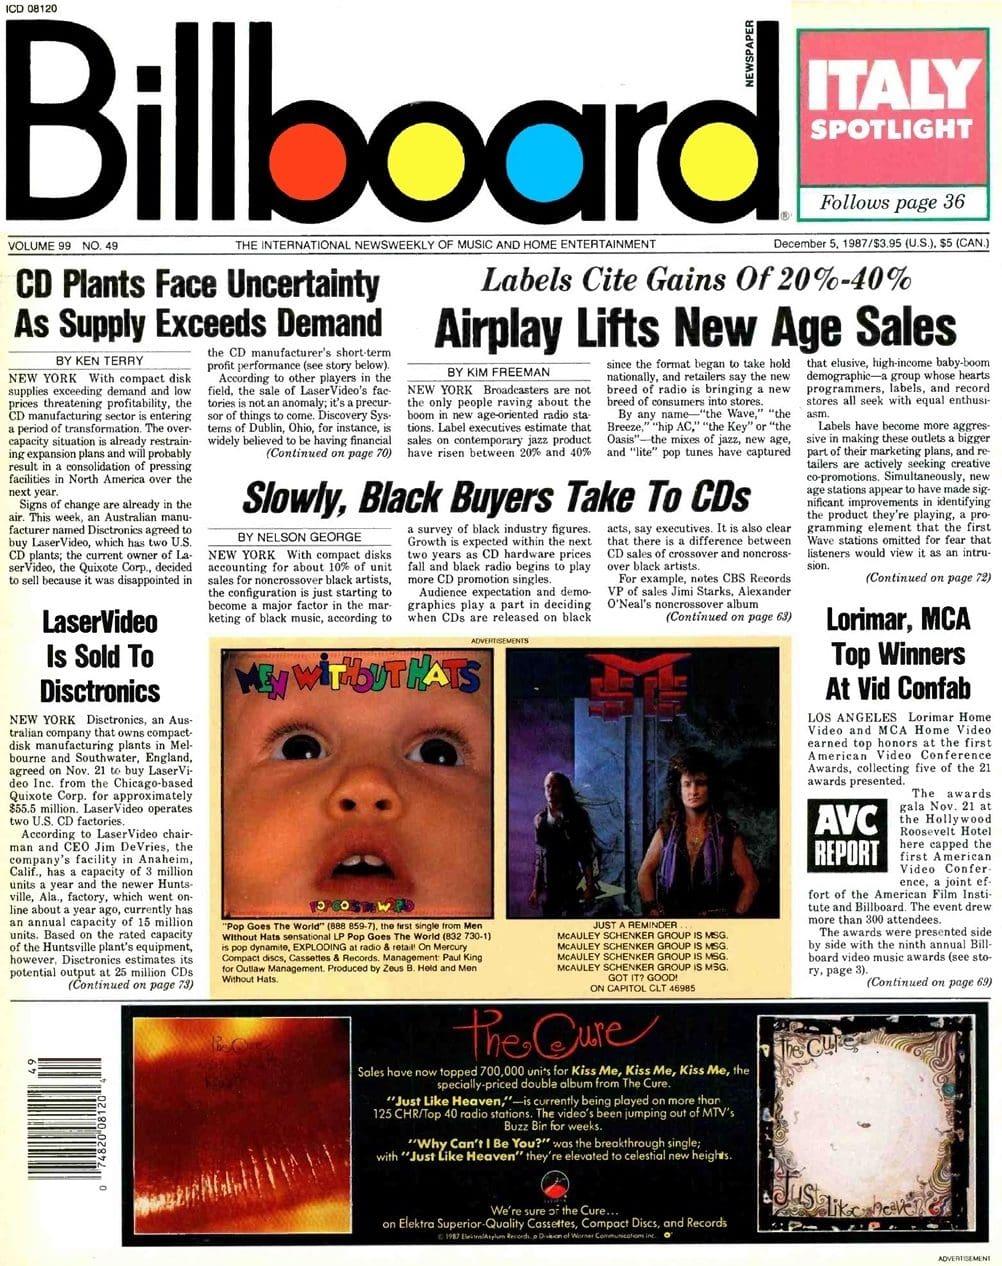 Ultimate Eurythmics Archives : Eurythmics - Billboard Magazine - 05